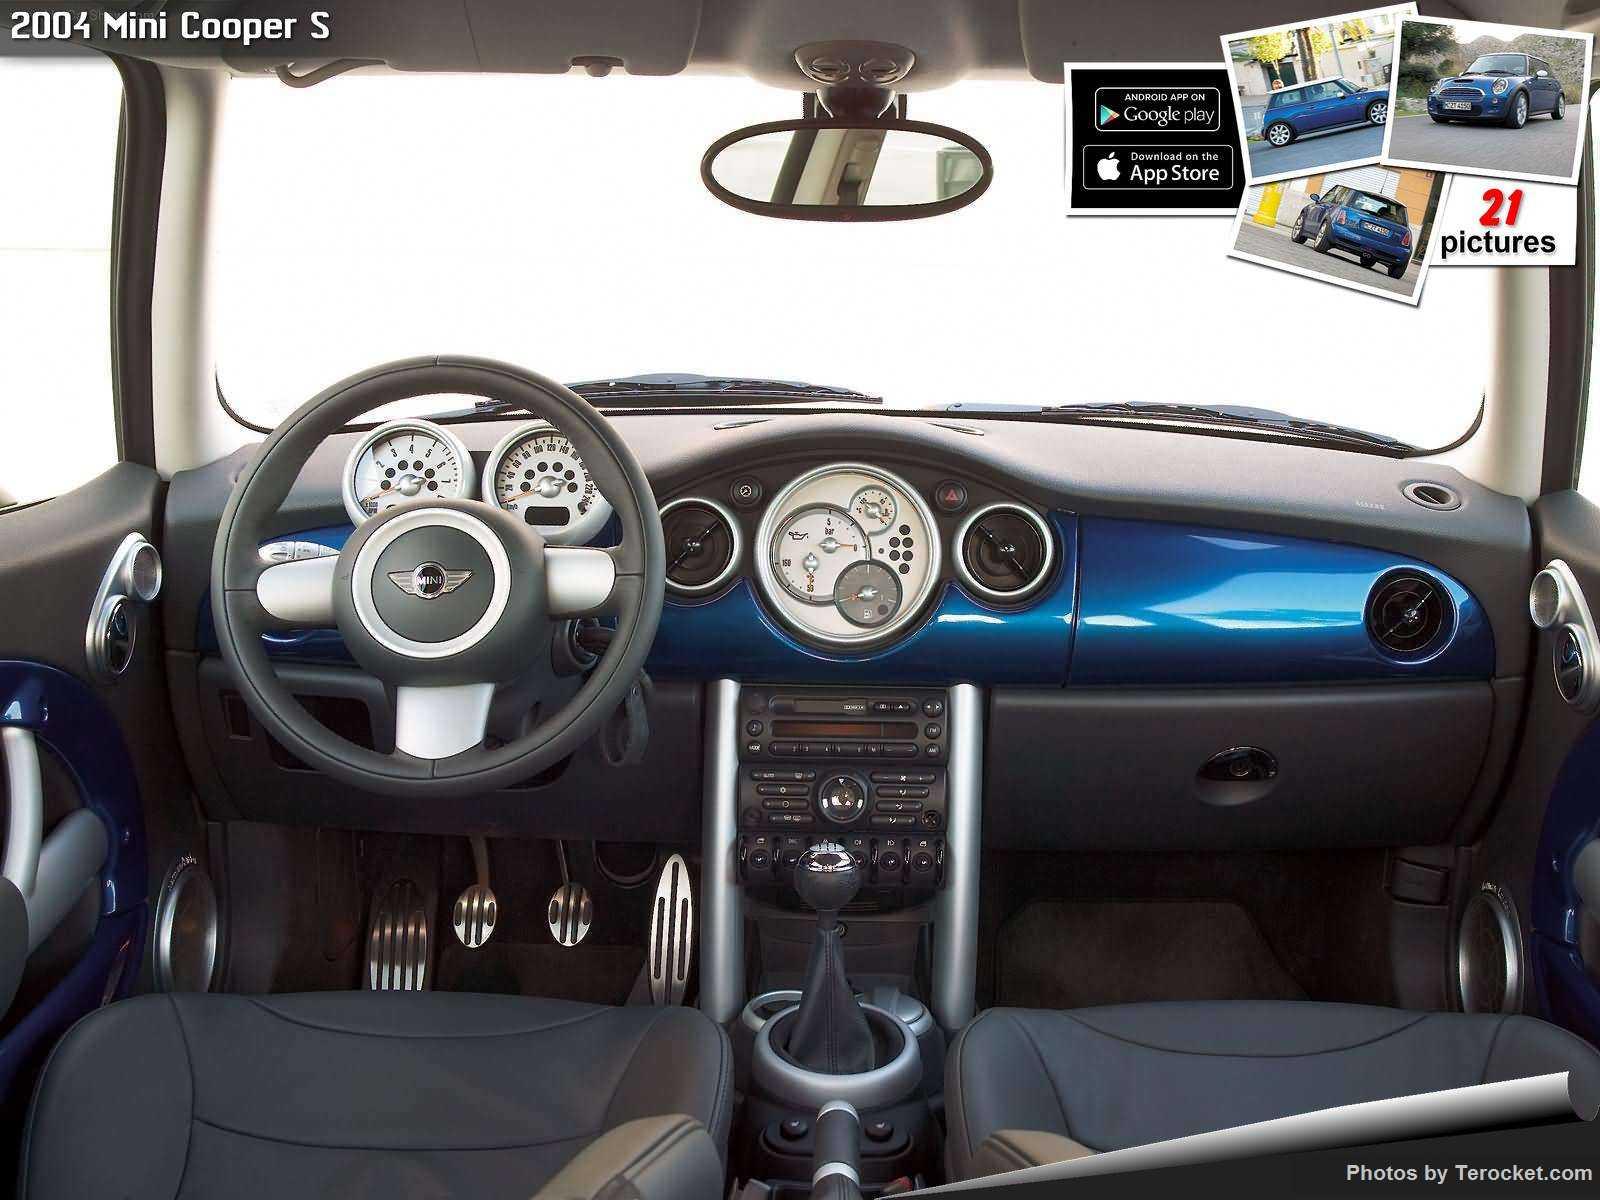 Hình ảnh xe ô tô Mini Cooper S 2004 & nội ngoại thất